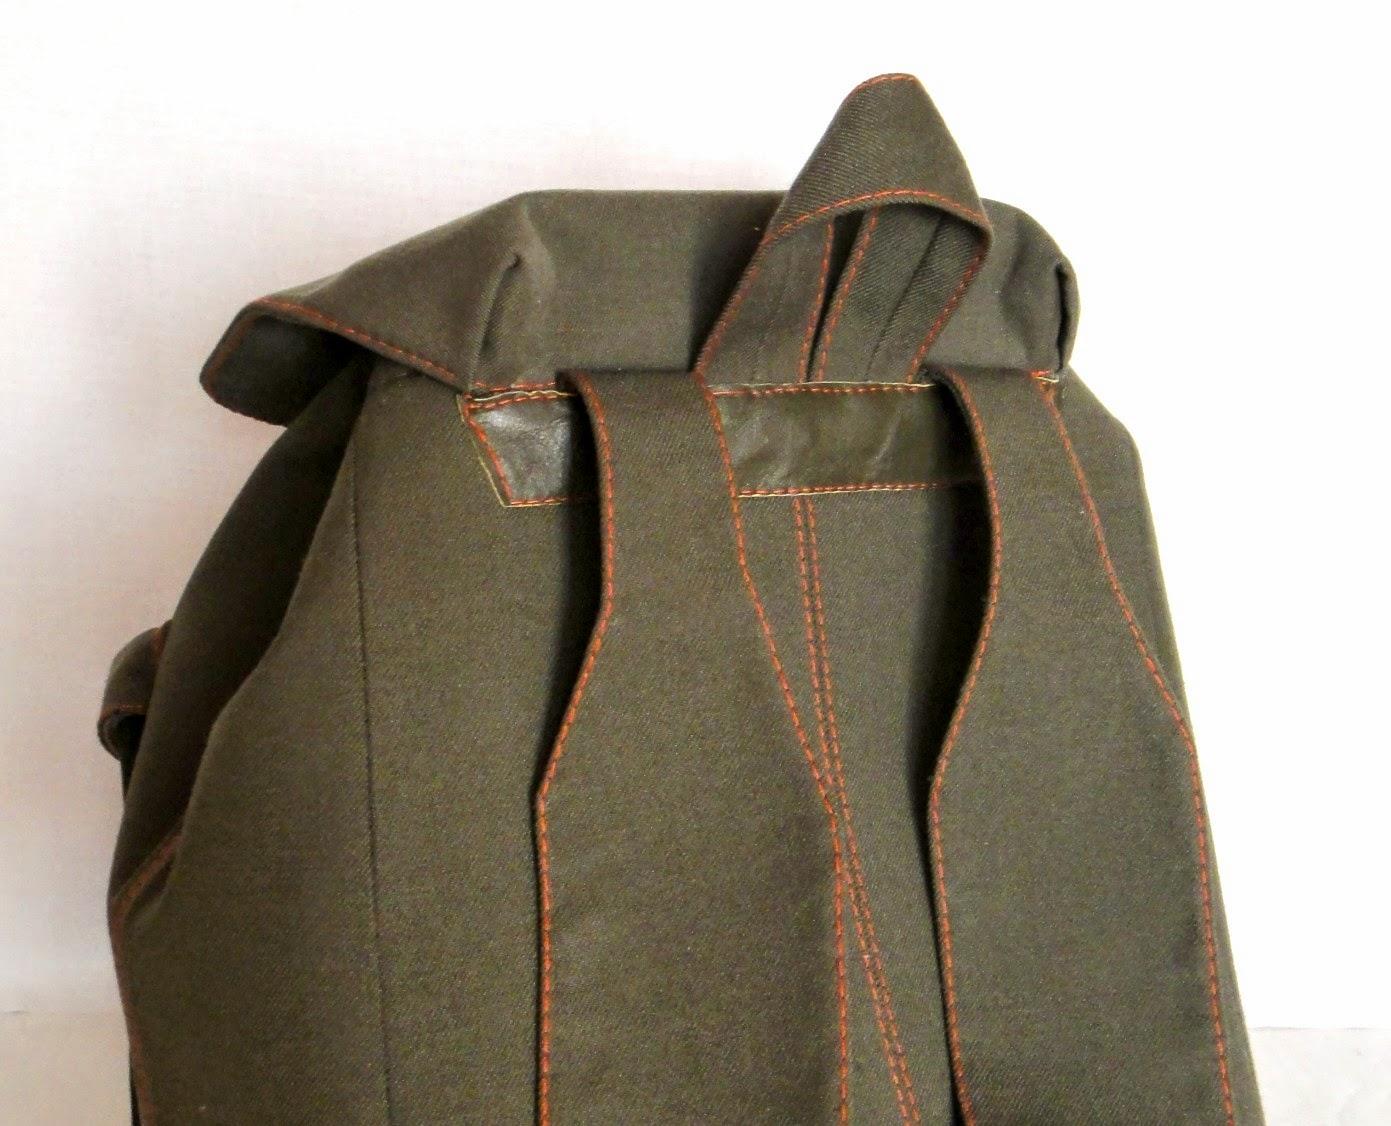 Темный рюкзак - удобные плечевые накладки, лямки регулируются по длине